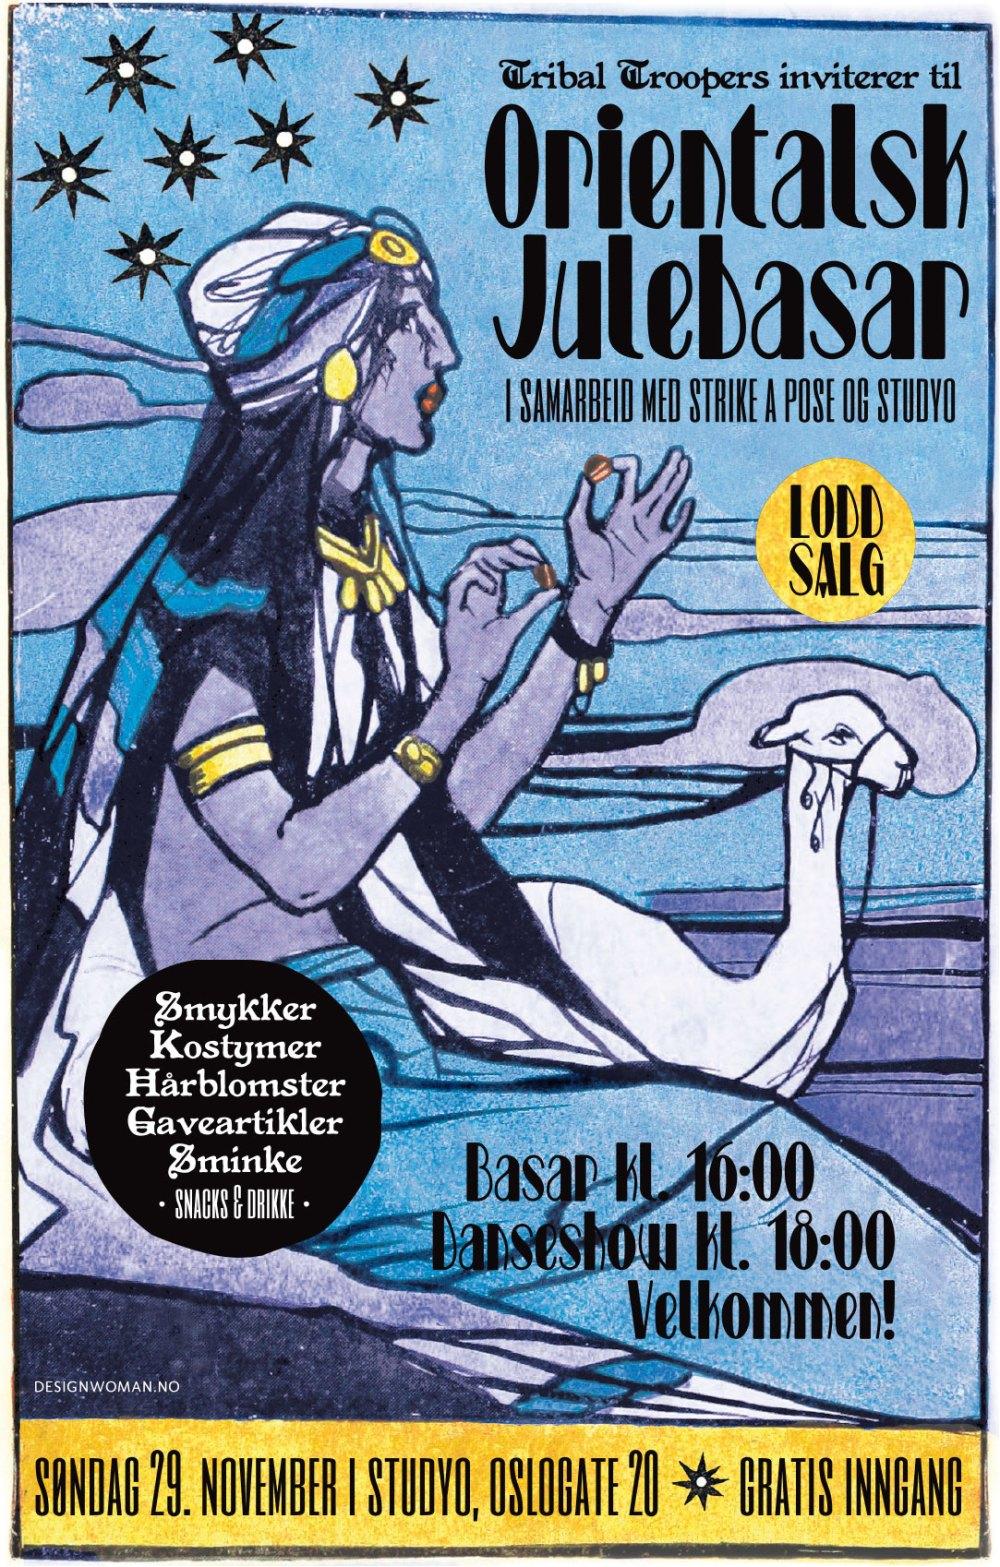 2015-11-05-orientalsk-julebasar-flyer